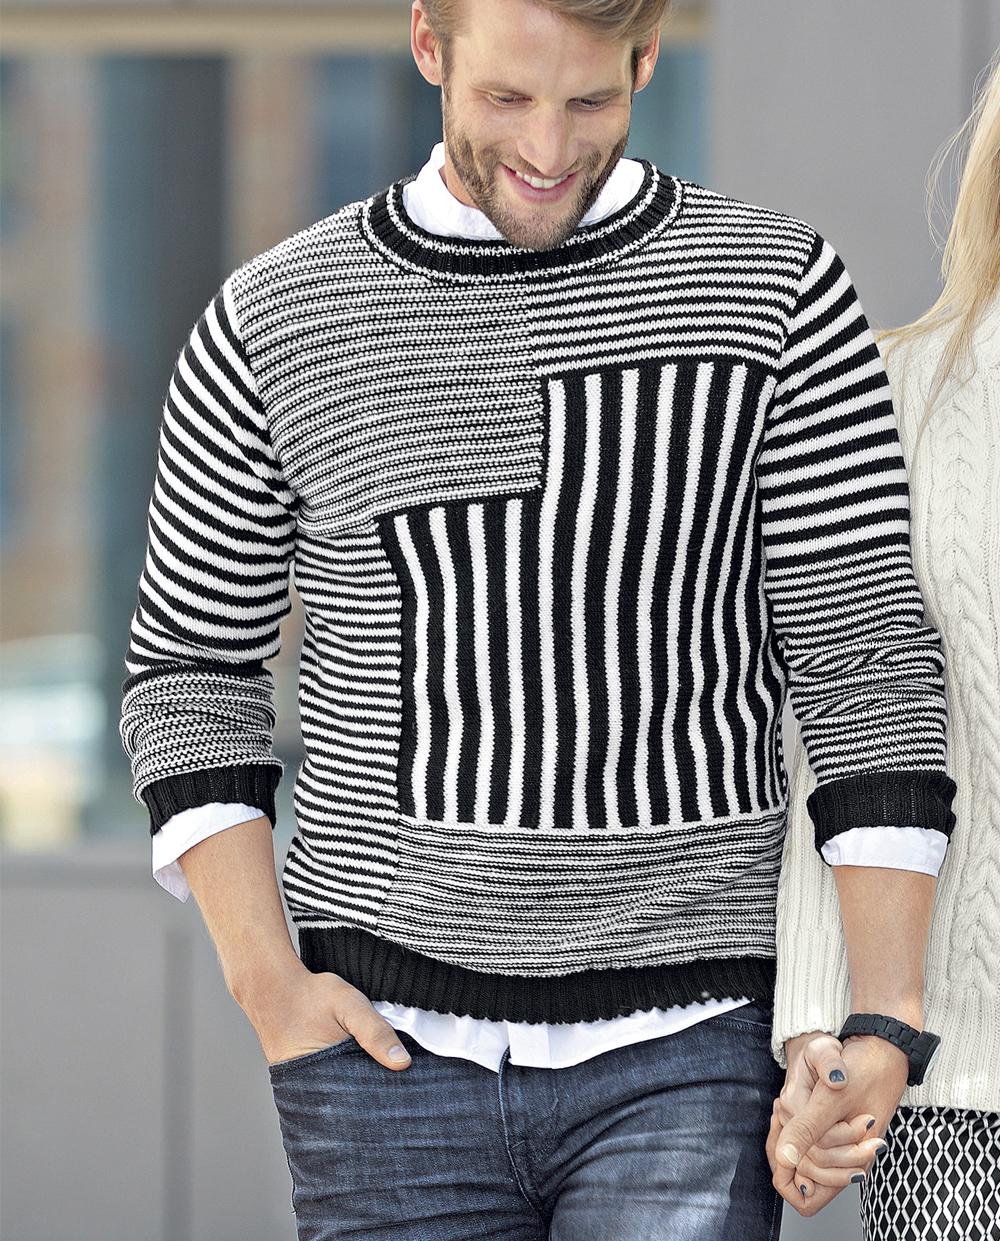 мужской свитер спицами схема 54 размера